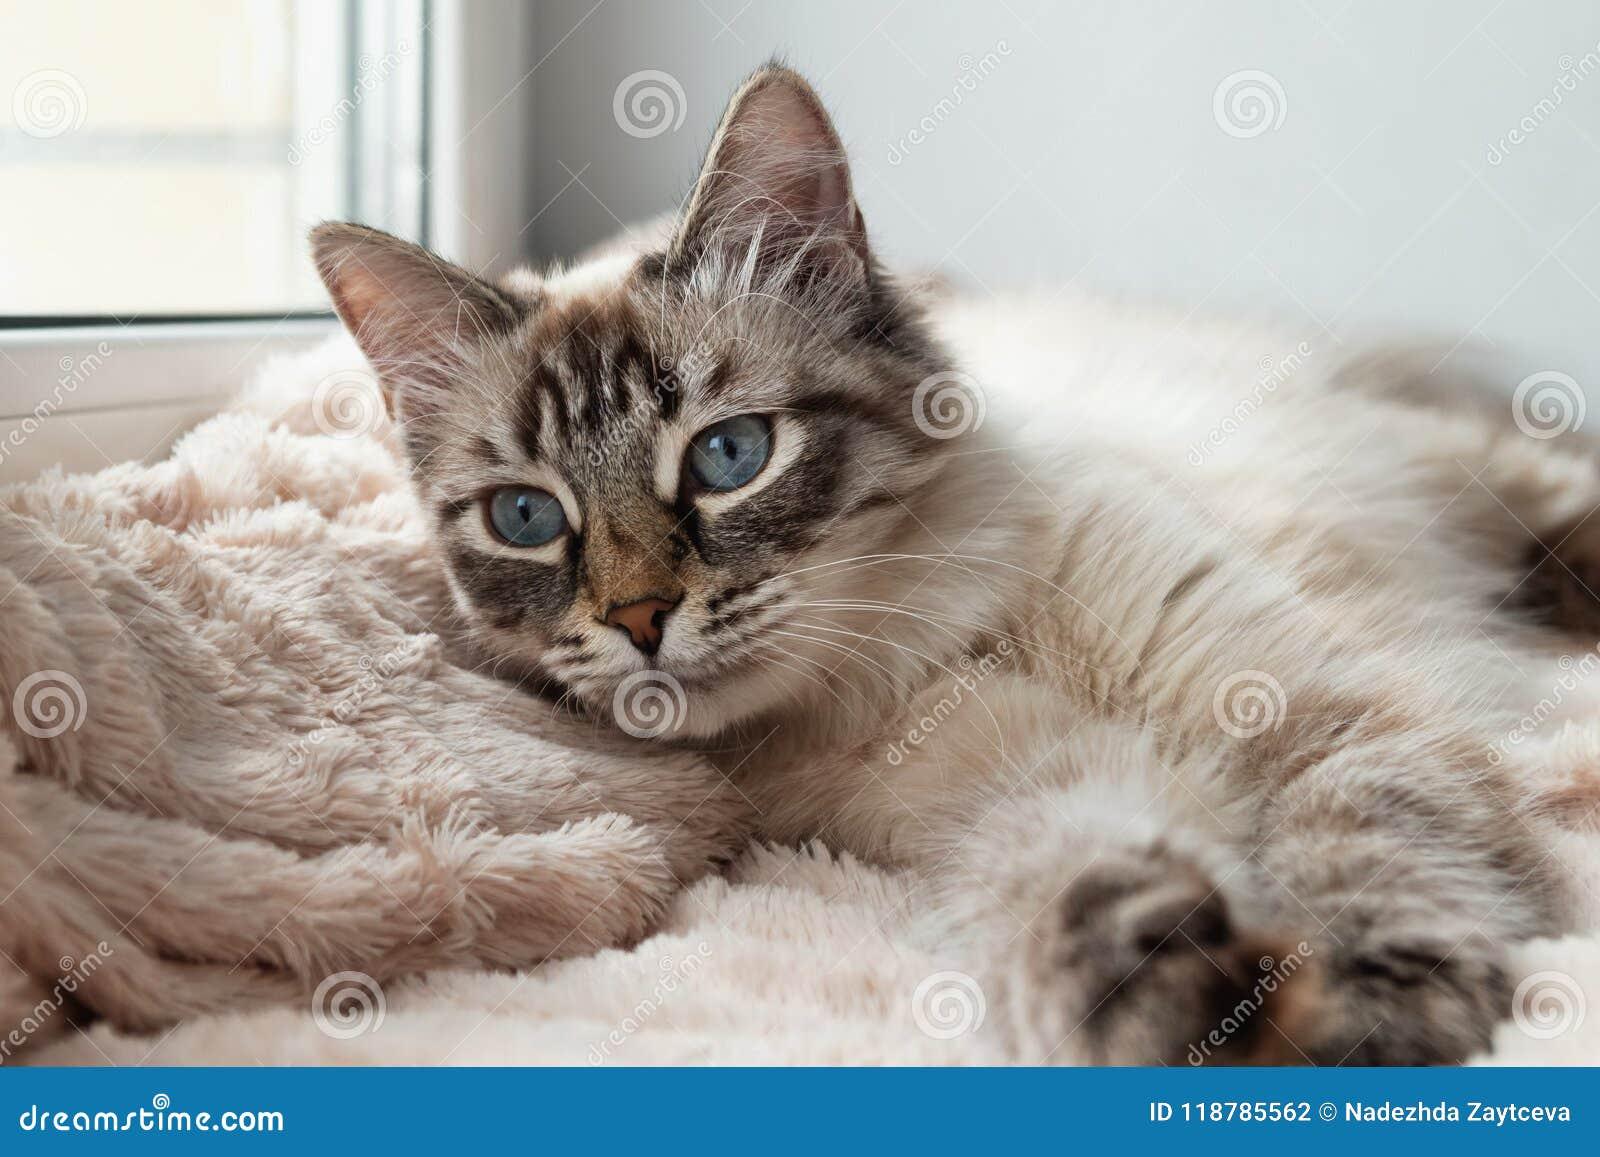 Entzückende Pelzkatze der Dichtungsluchs-Punktfarbe mit blauen Augen steht auf einer rosa Decke still